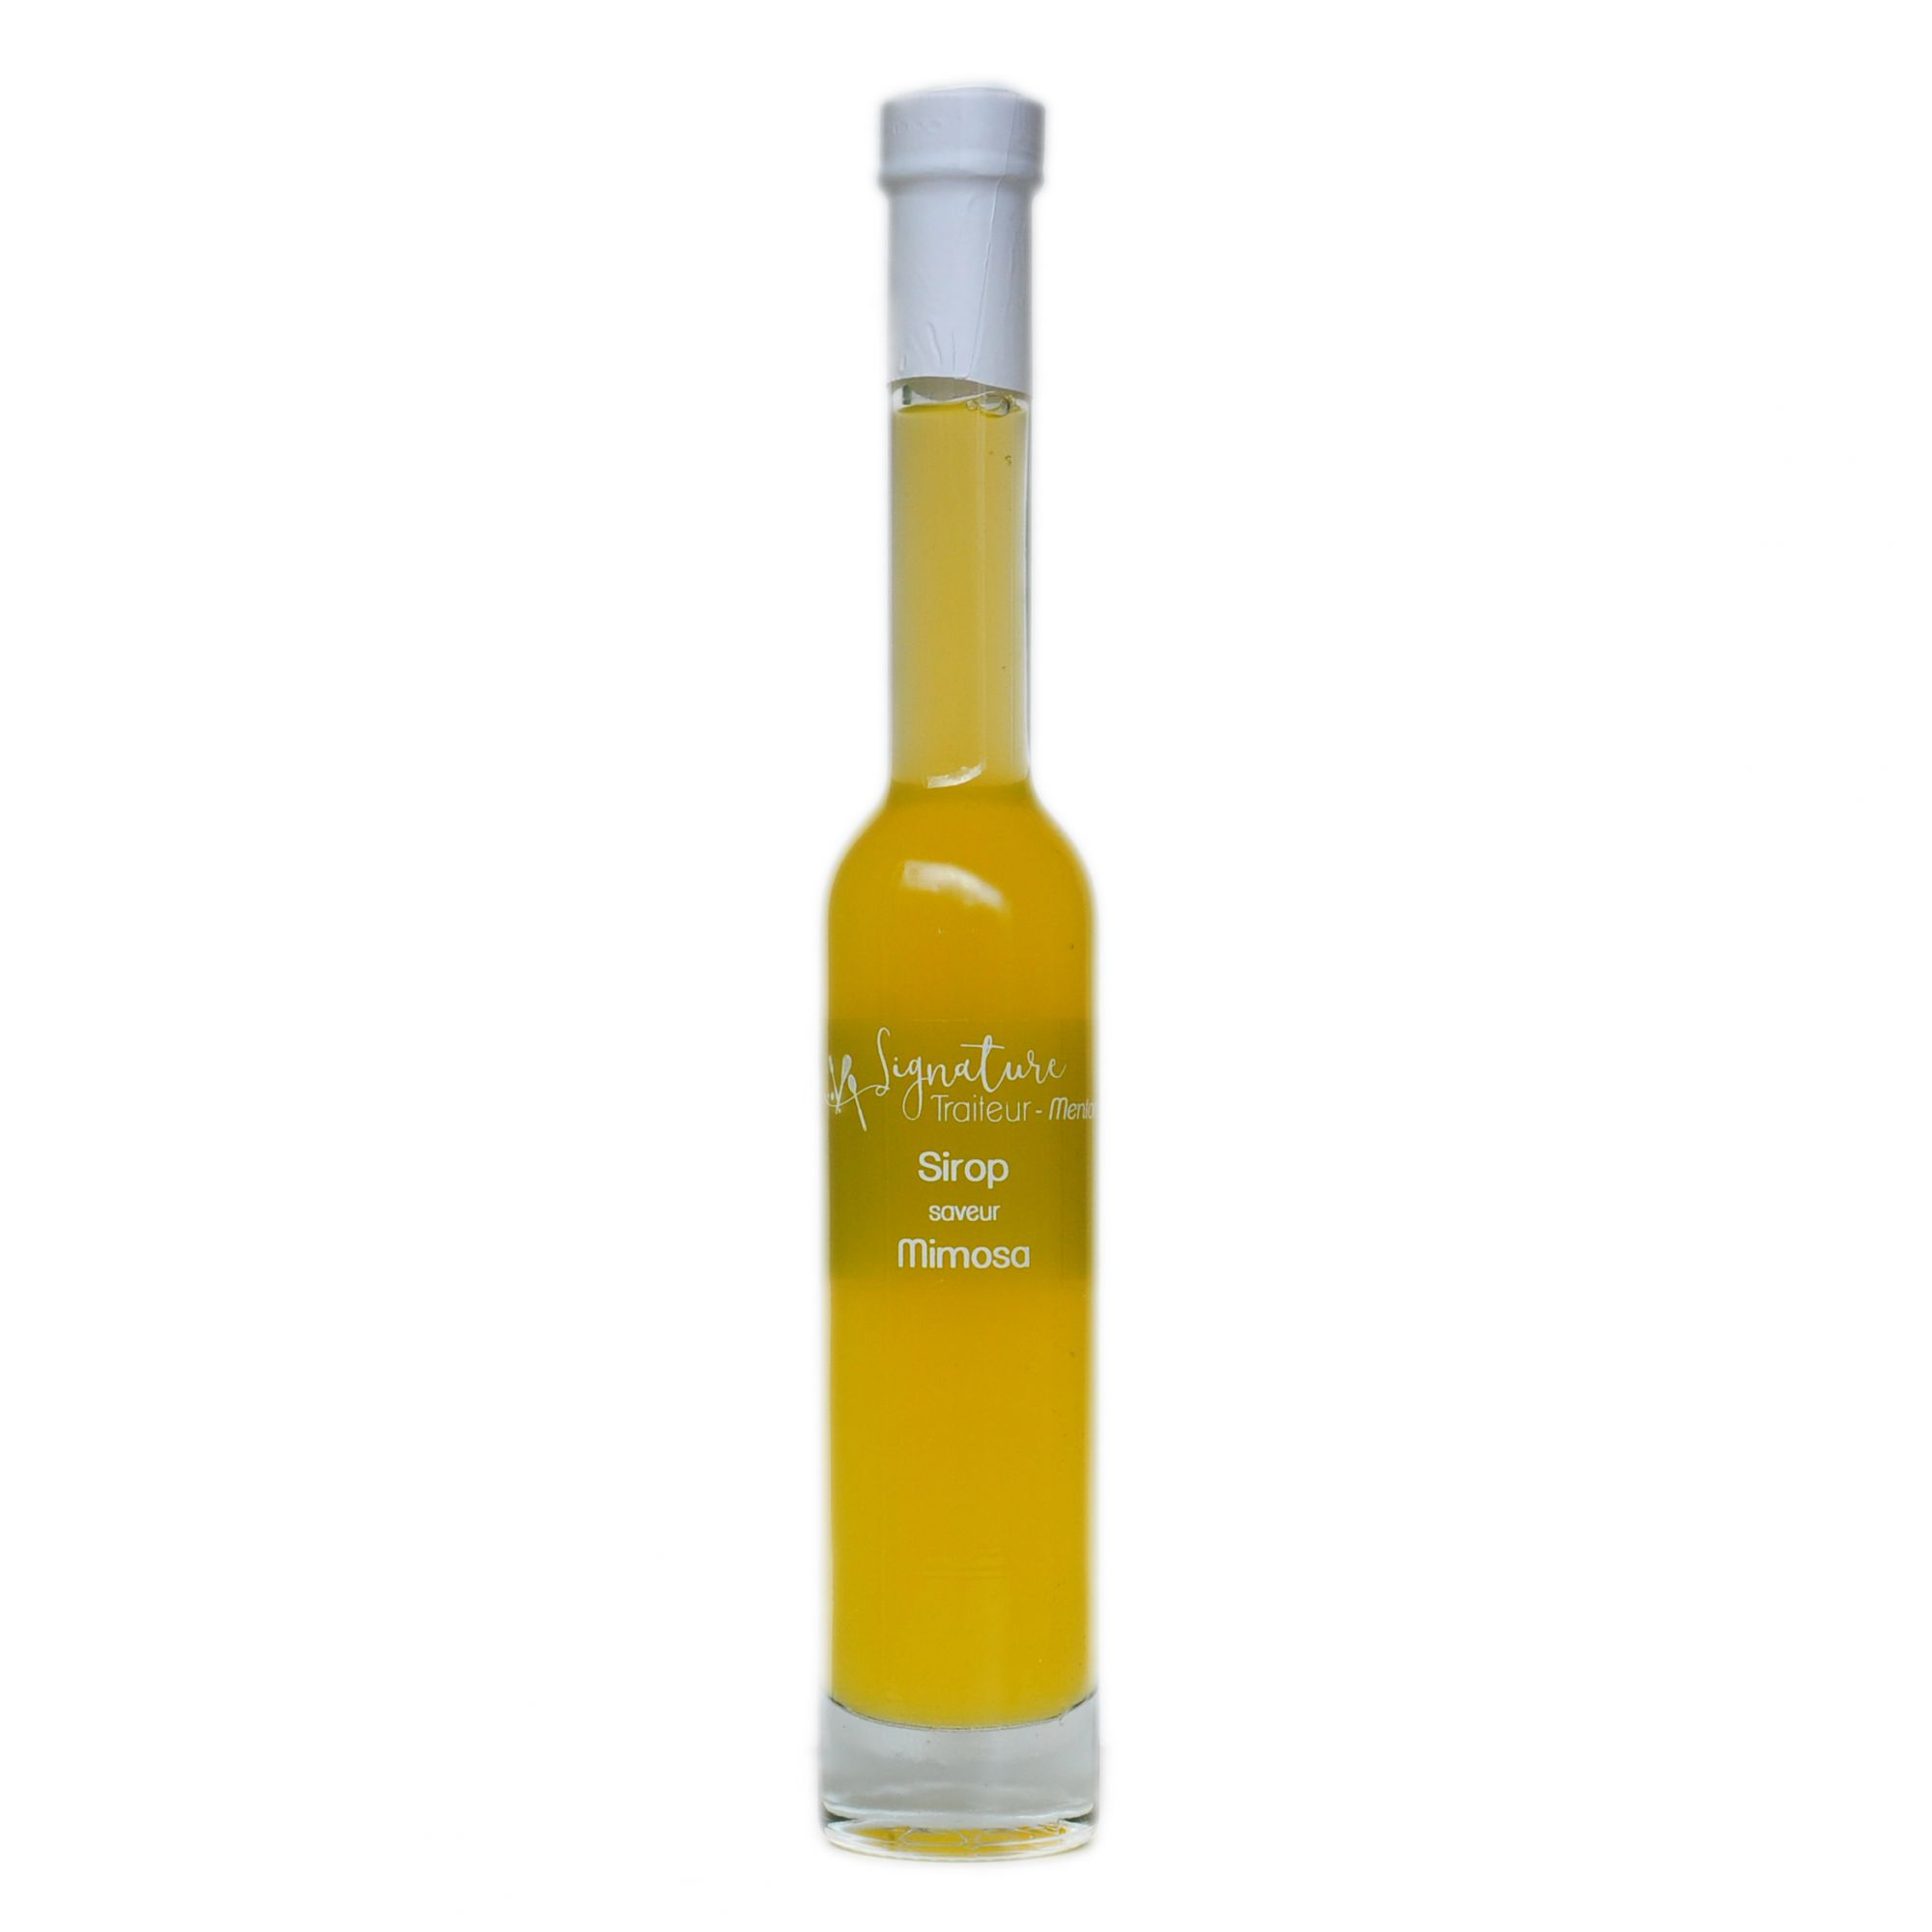 Sirop saveur Mimosa